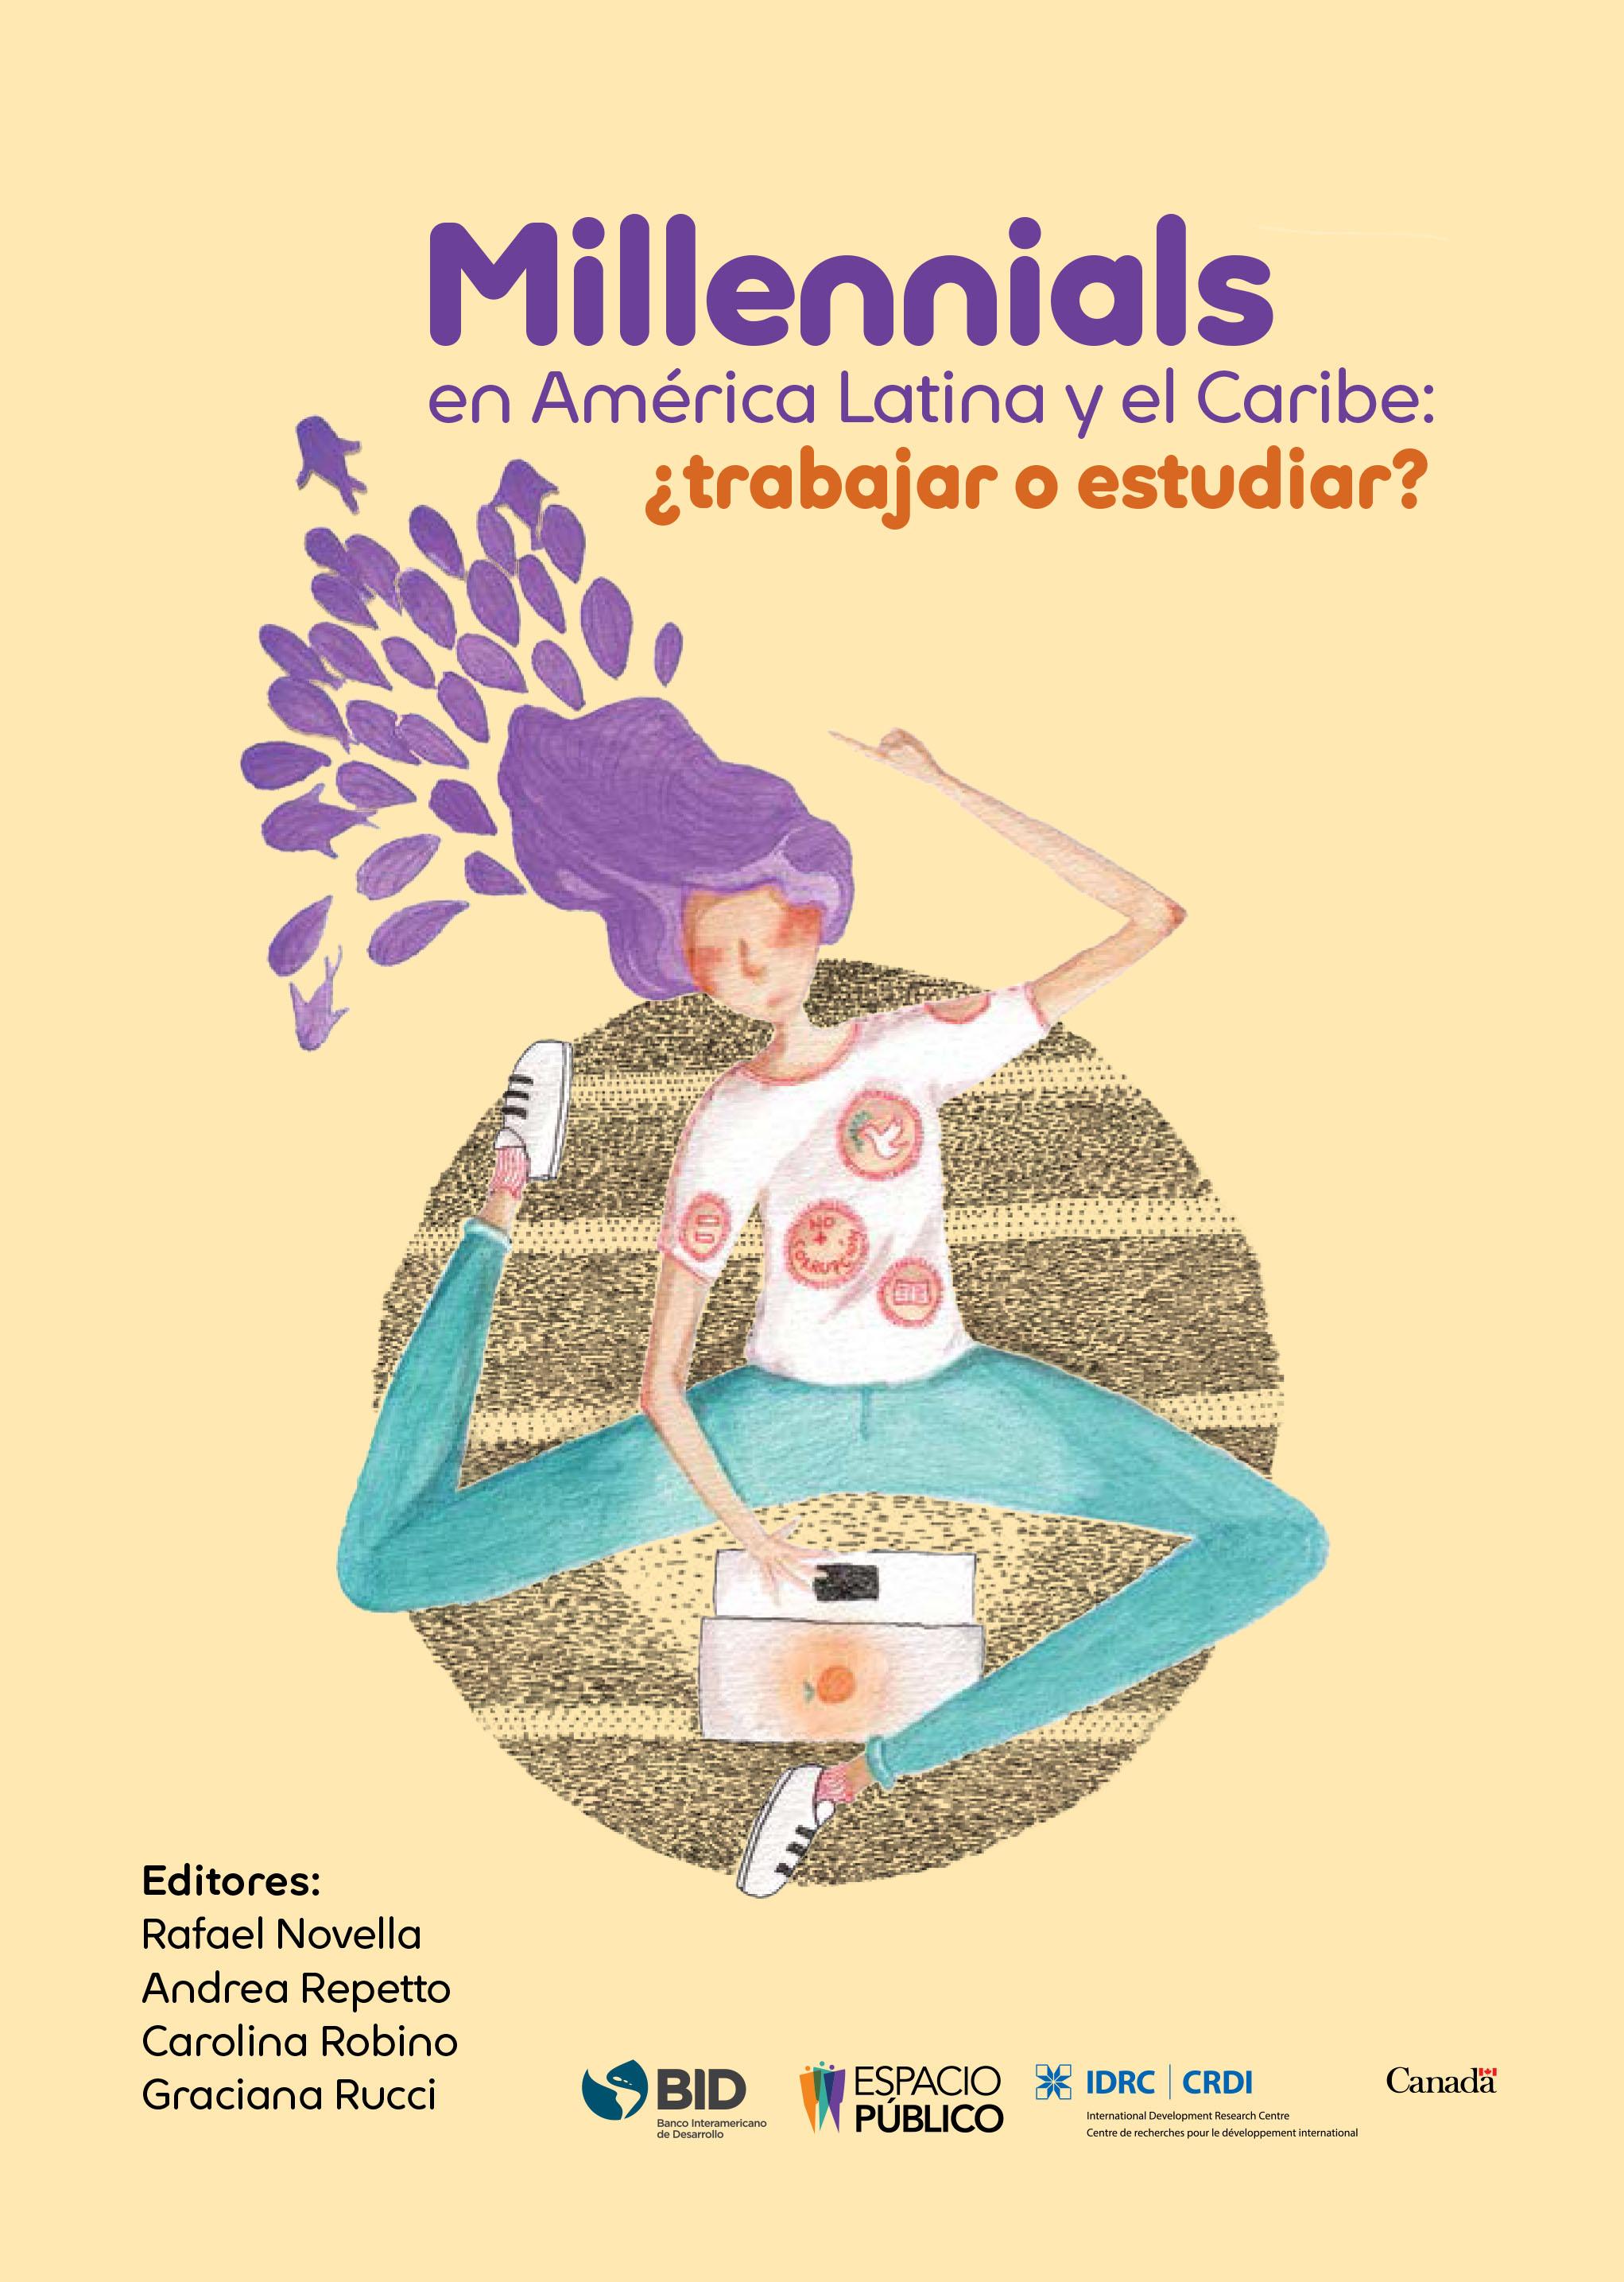 Millennials-en-América-Latina-y-el-Caribe-trabajar-o-estudiar-1